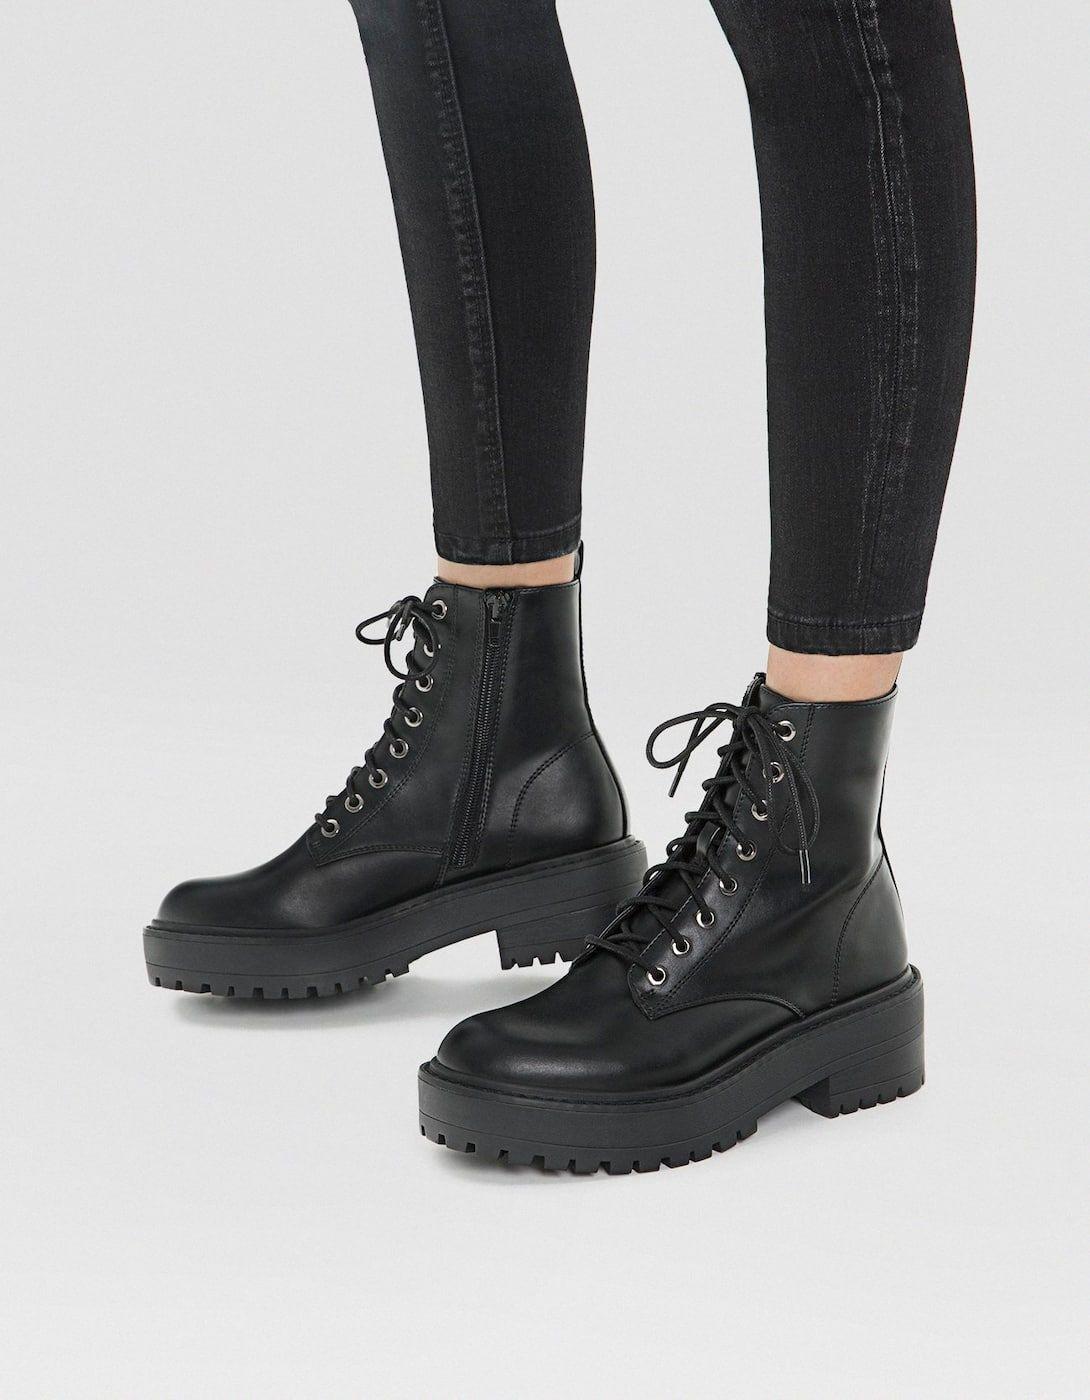 7f7fd67bab0 Botín plataforma negro - Botas y botines de mujer